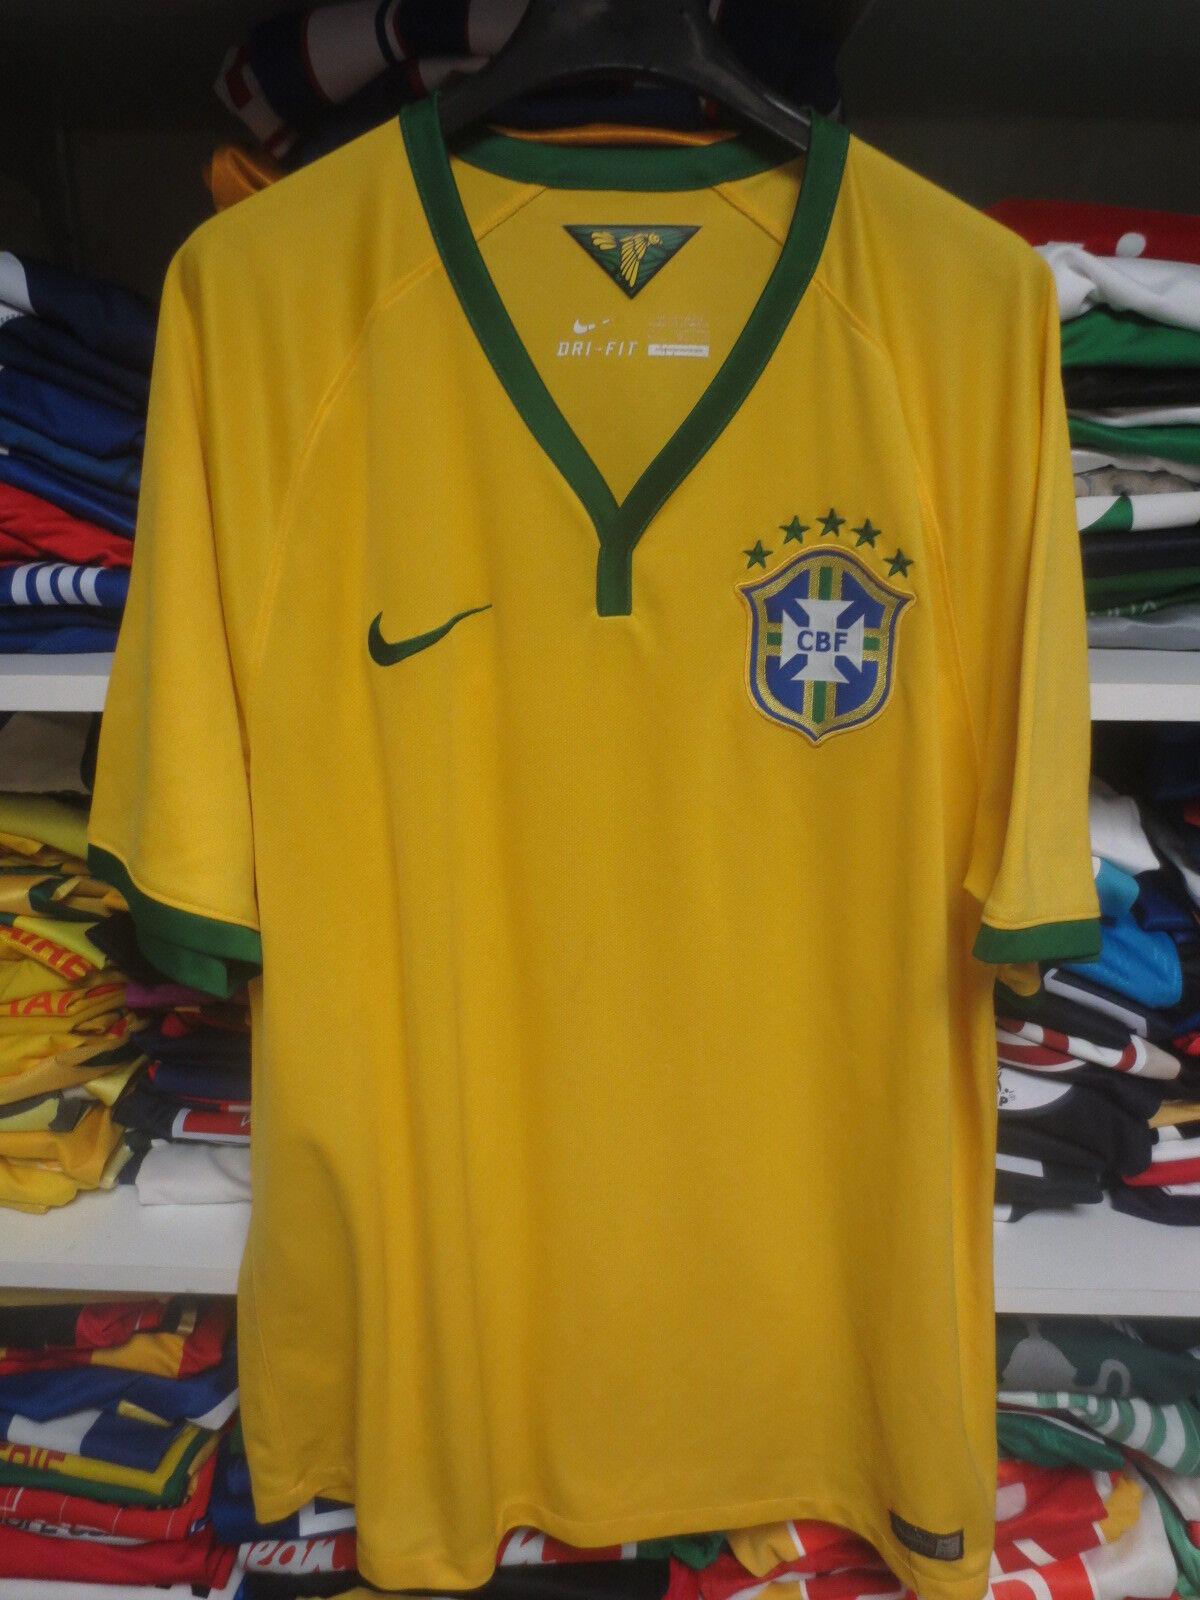 Maillot BRESIL BRAZIL 2014 2016 NIKE CBF jersey shirt camiseta BRASIL Dri-Fit L